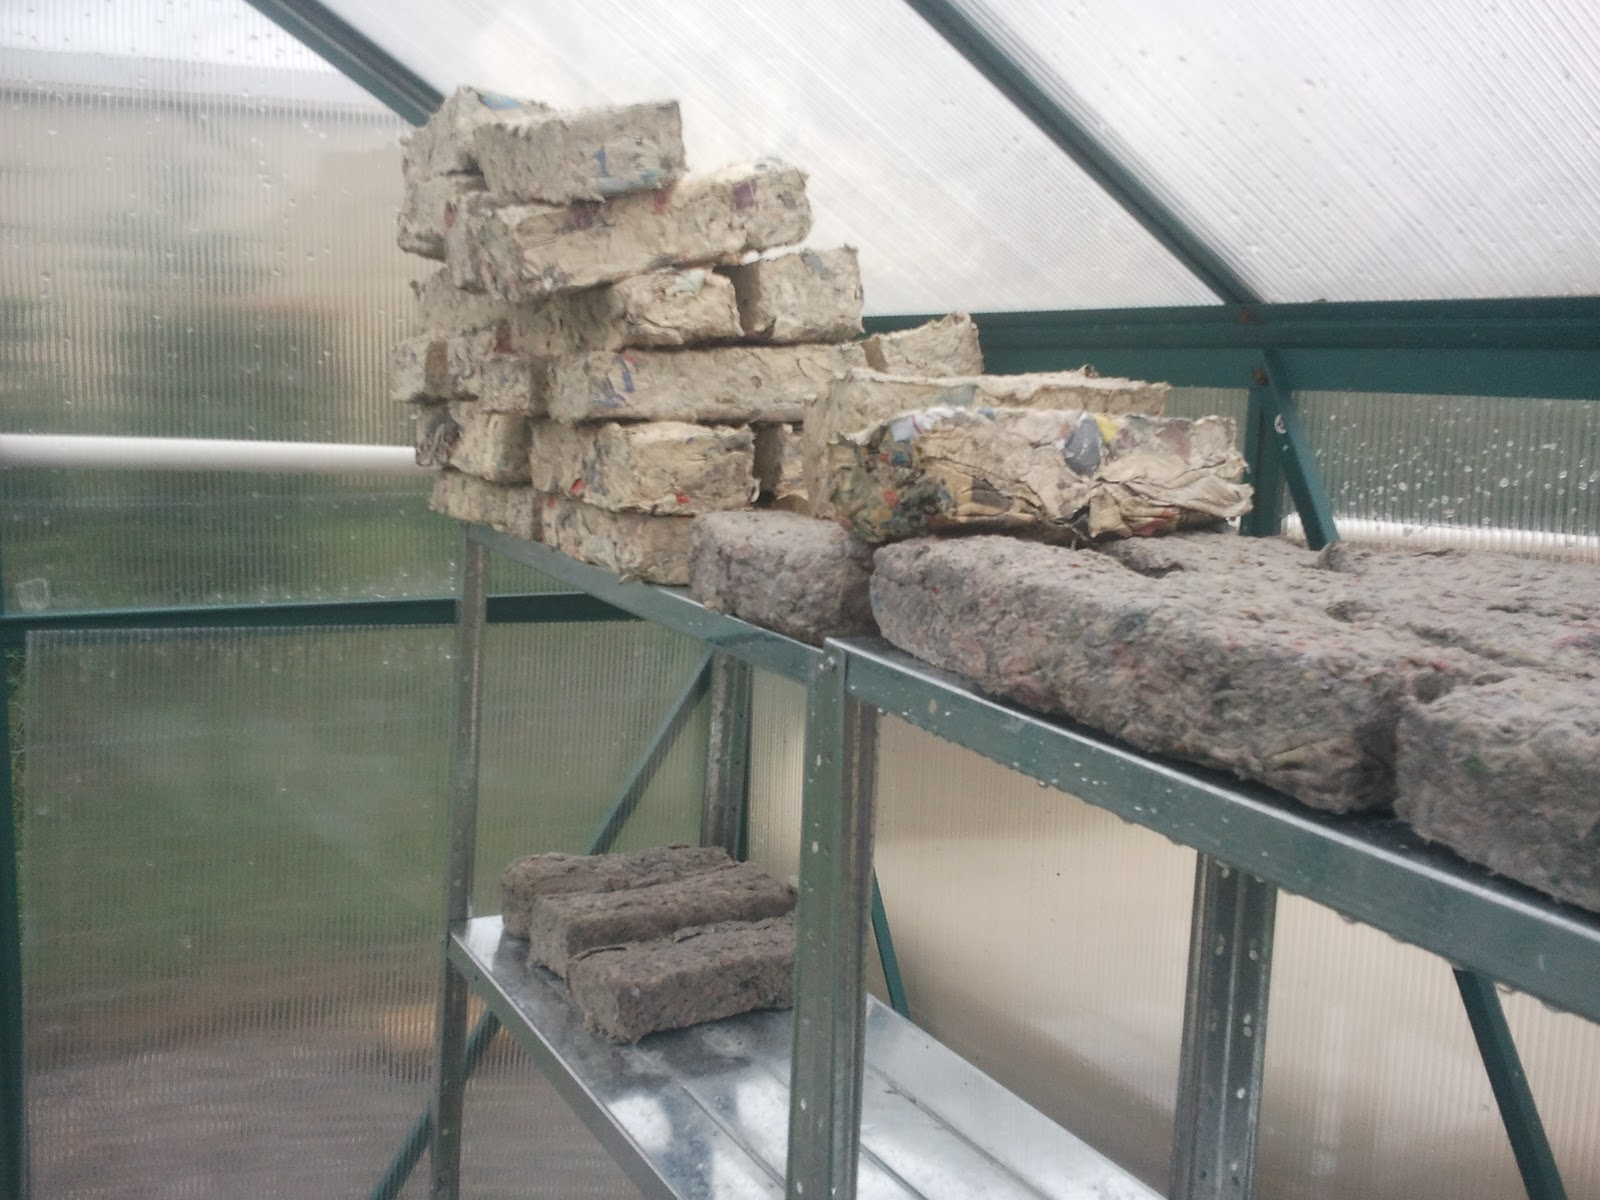 http://4.bp.blogspot.com/-asn4S-b_Mao/TtXSI4Fm_TI/AAAAAAAAAEk/U_RC_xbd_LA/s1600/paper+bricks.jpg